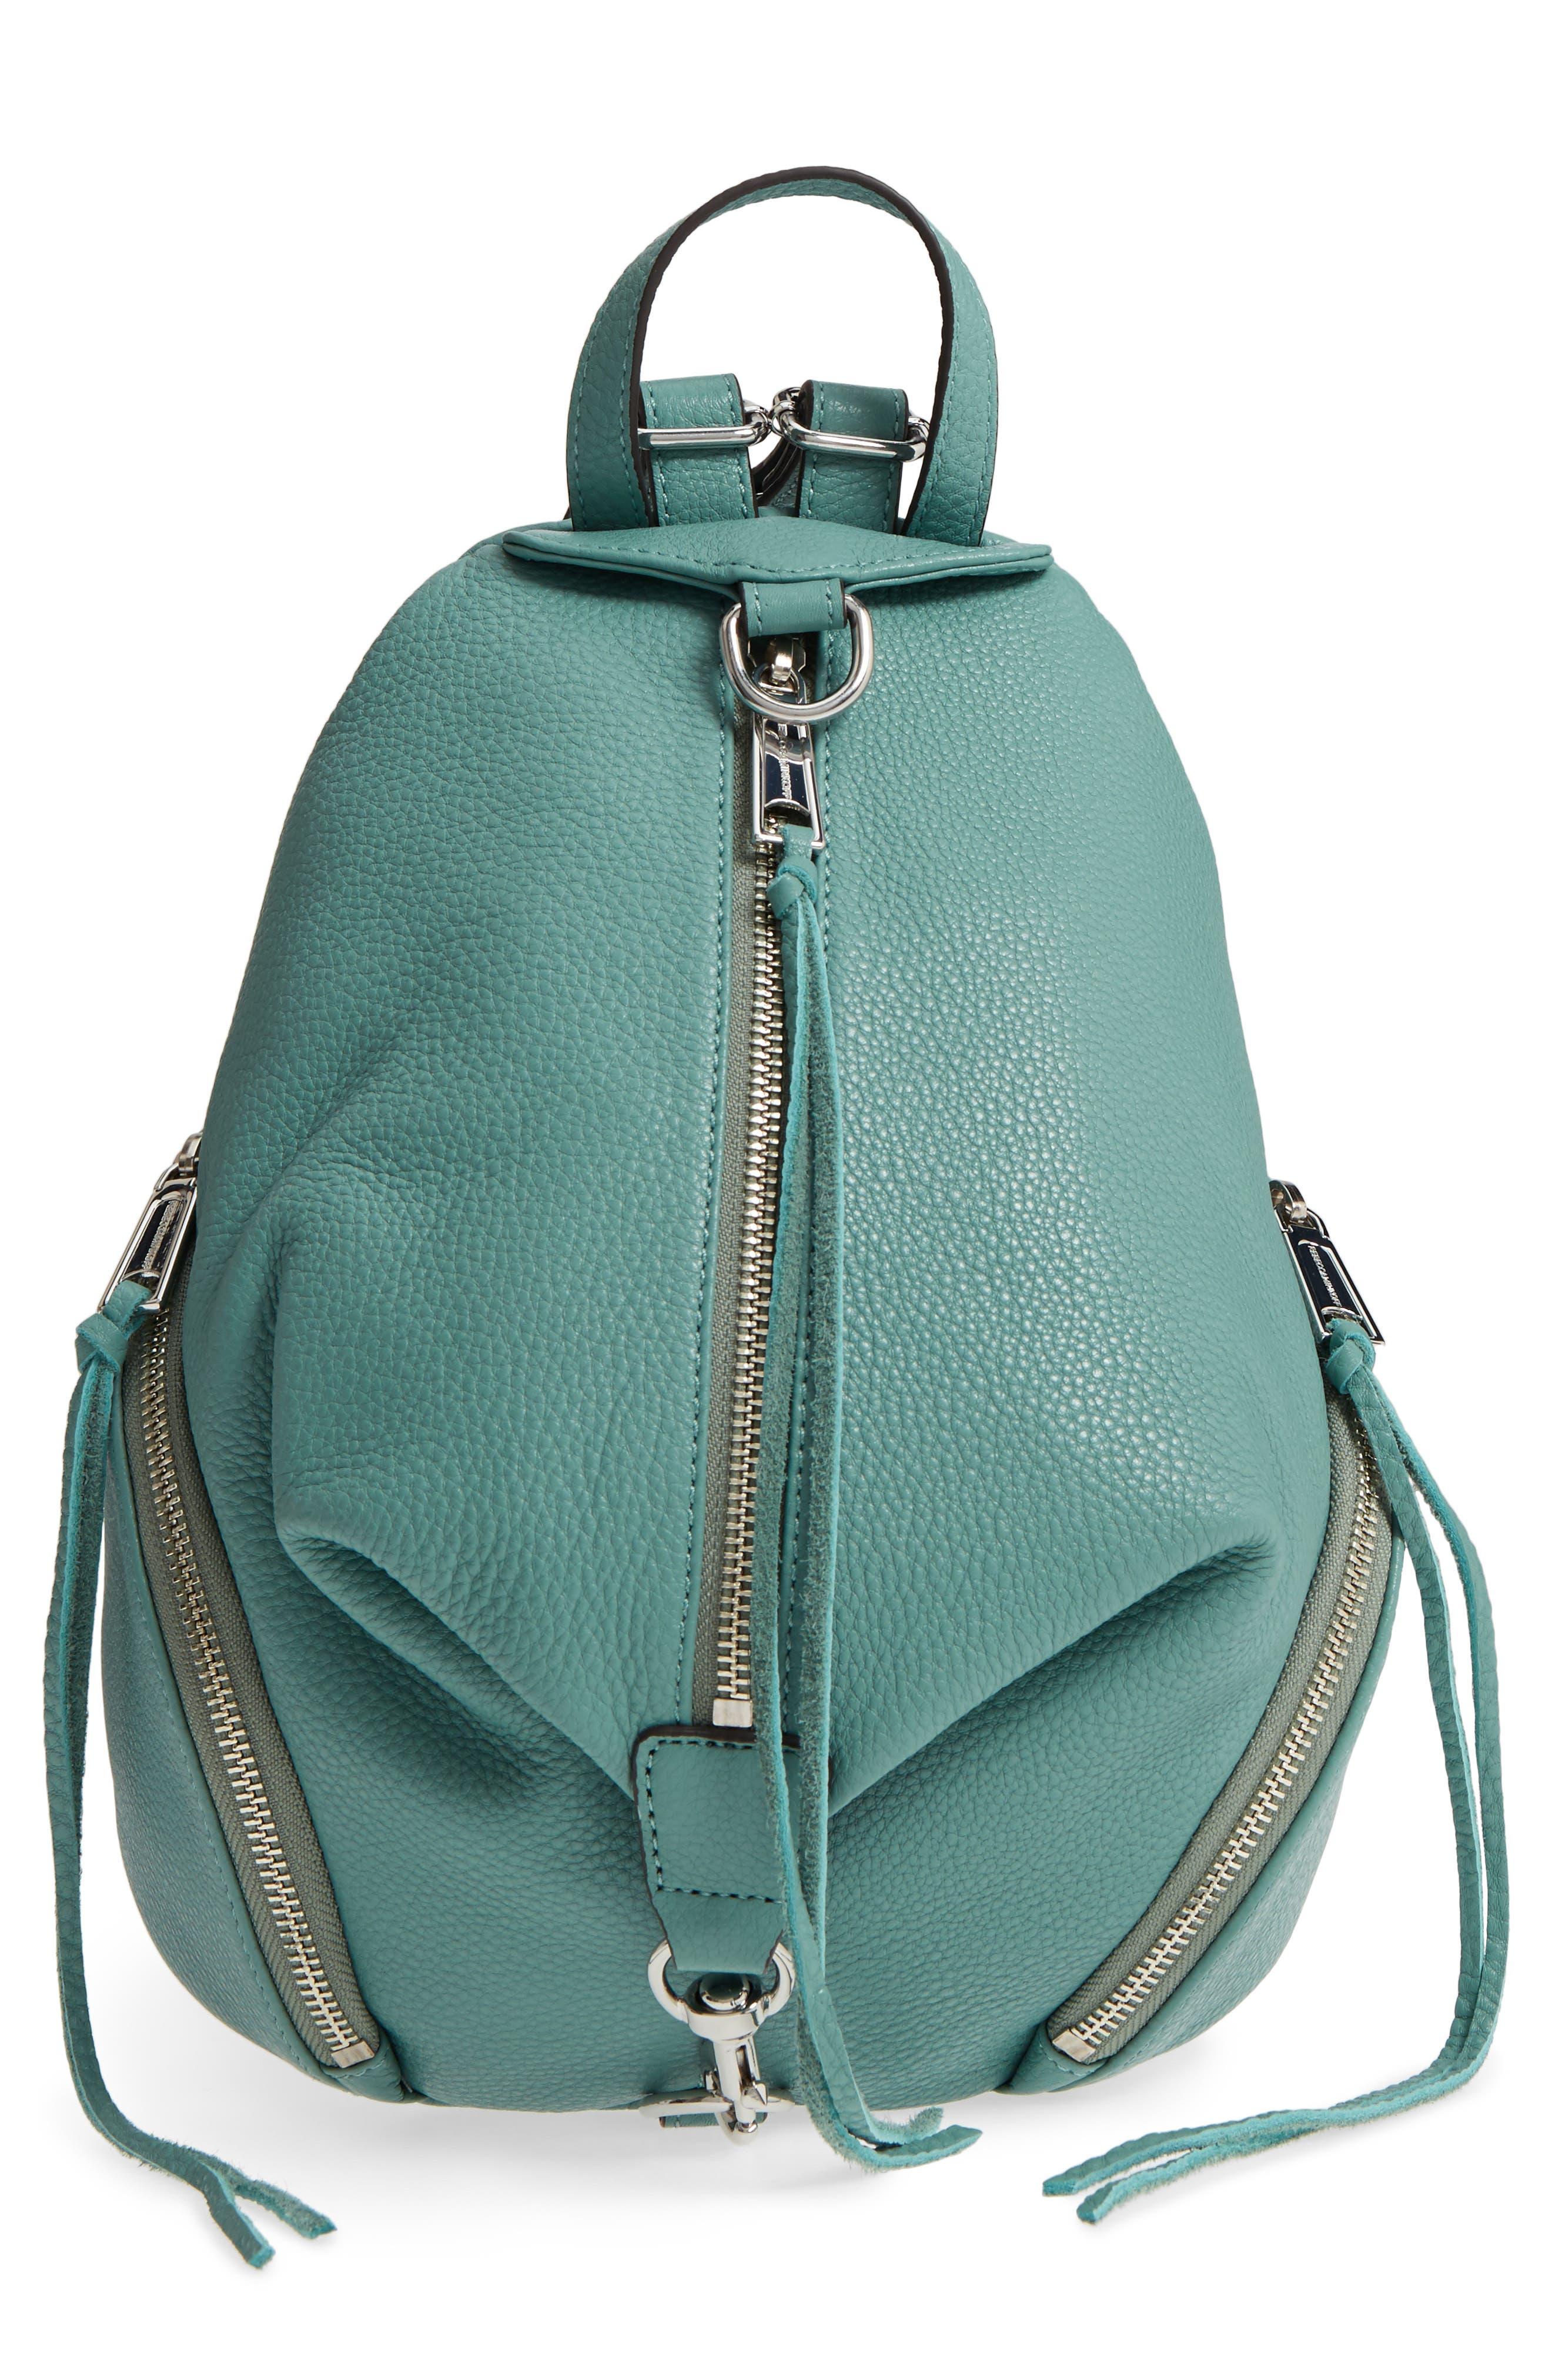 Medium Julian Backpack,                             Main thumbnail 1, color,                             Dusty Green